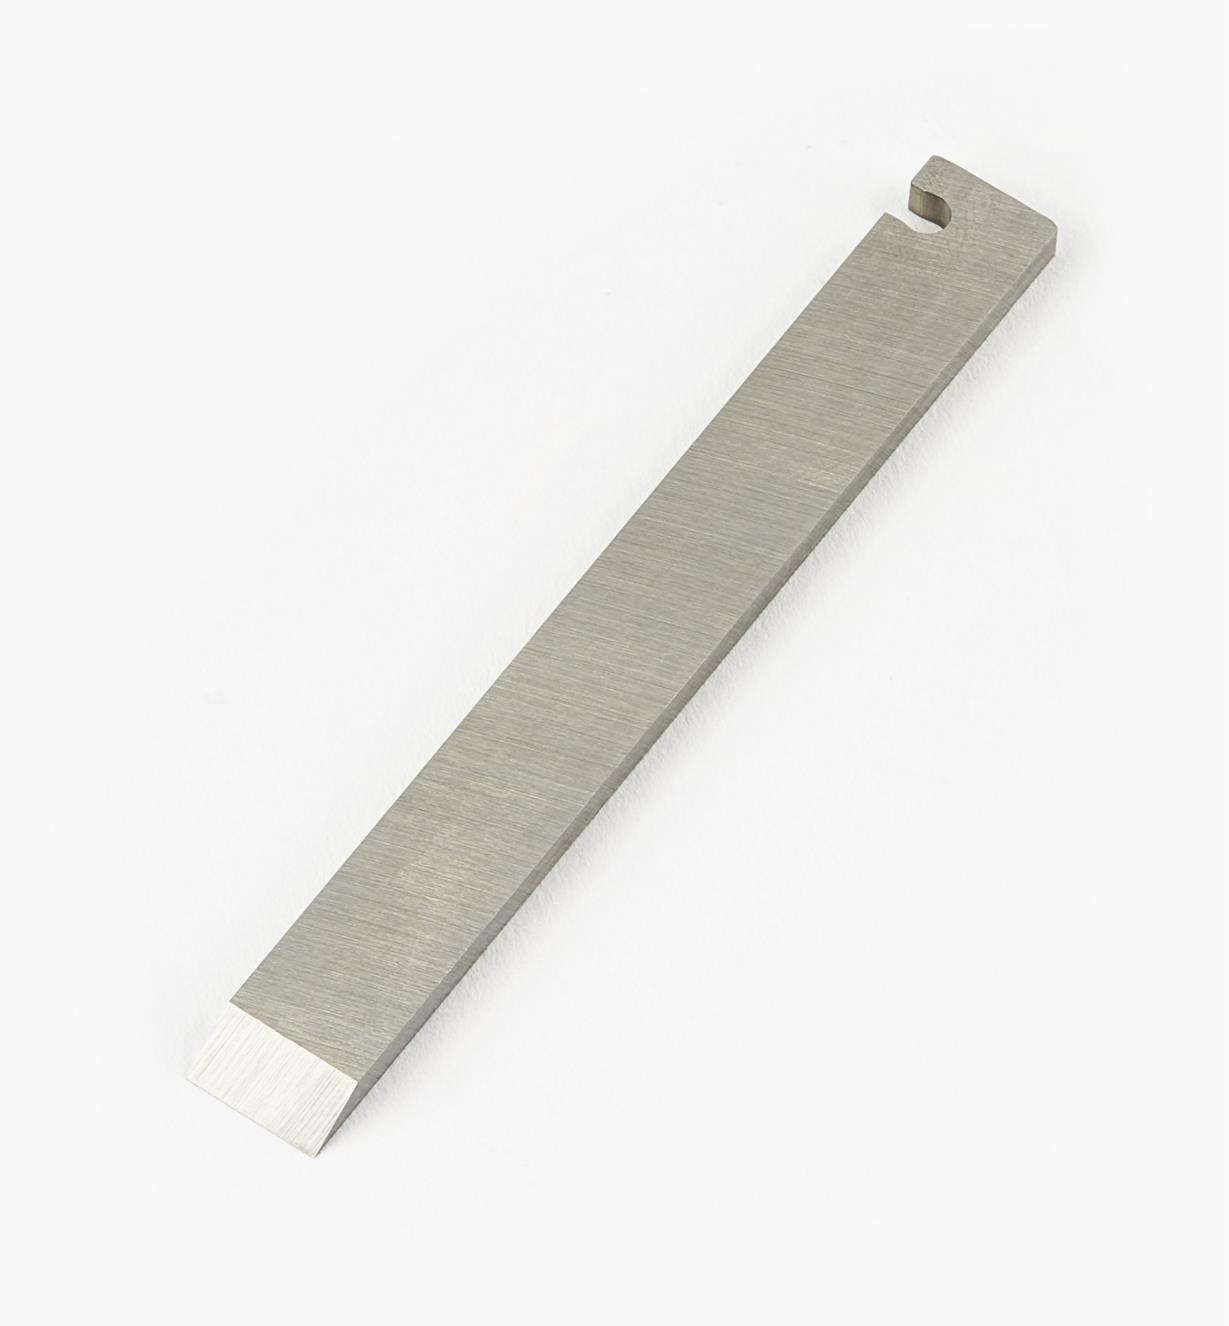 05P5240 - Lame standard de 10mm, gauche